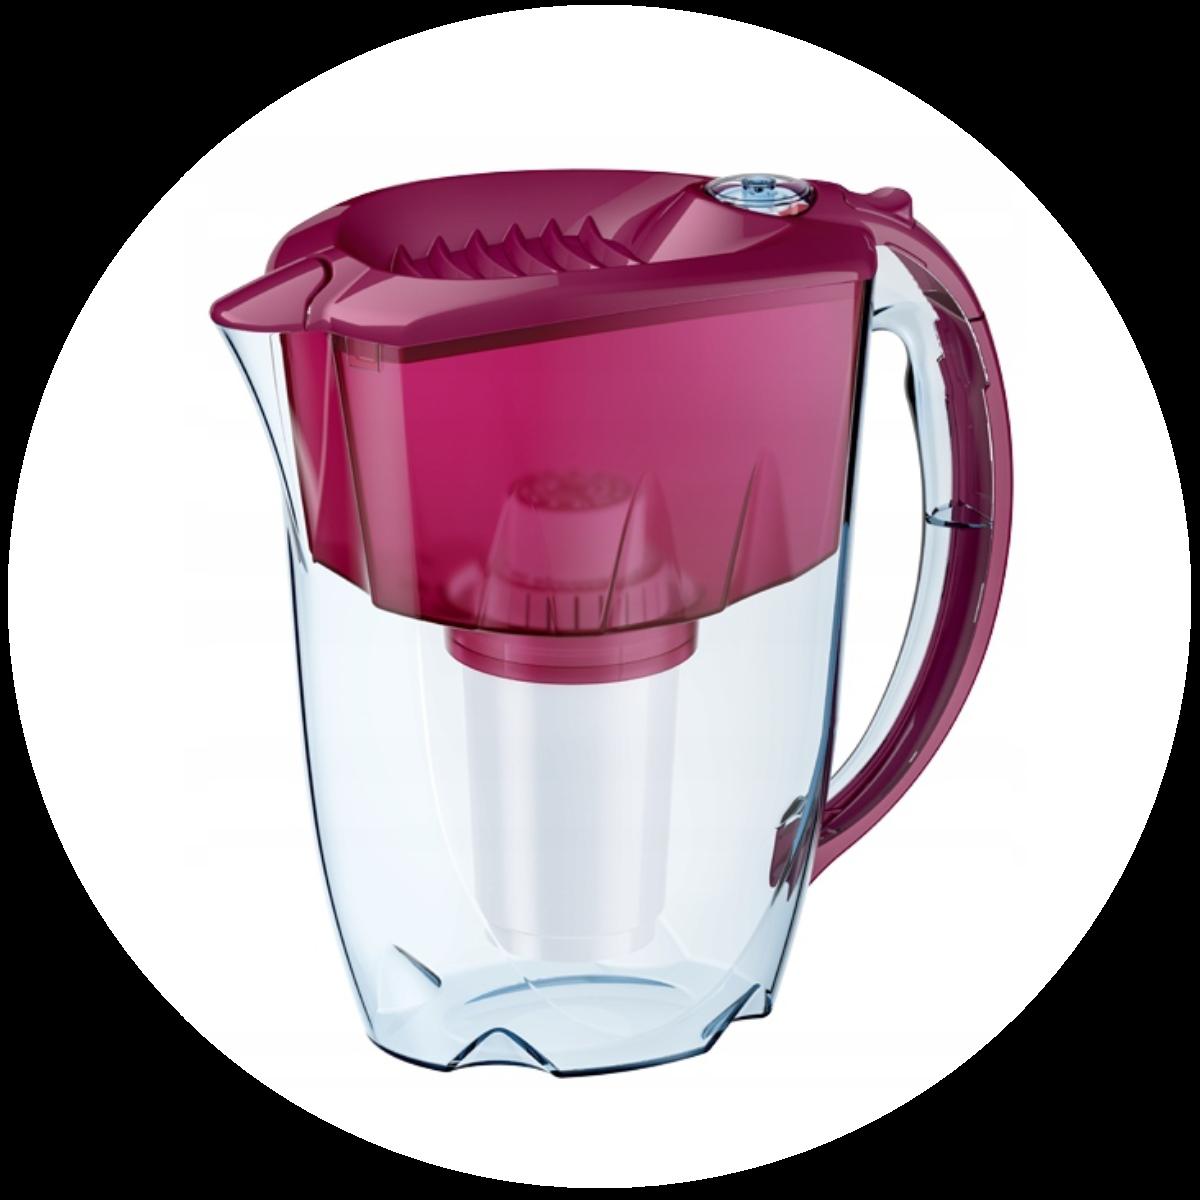 Aquaphor Prestige (wiśniowy) dzbanek filtrujący - konstrukcja